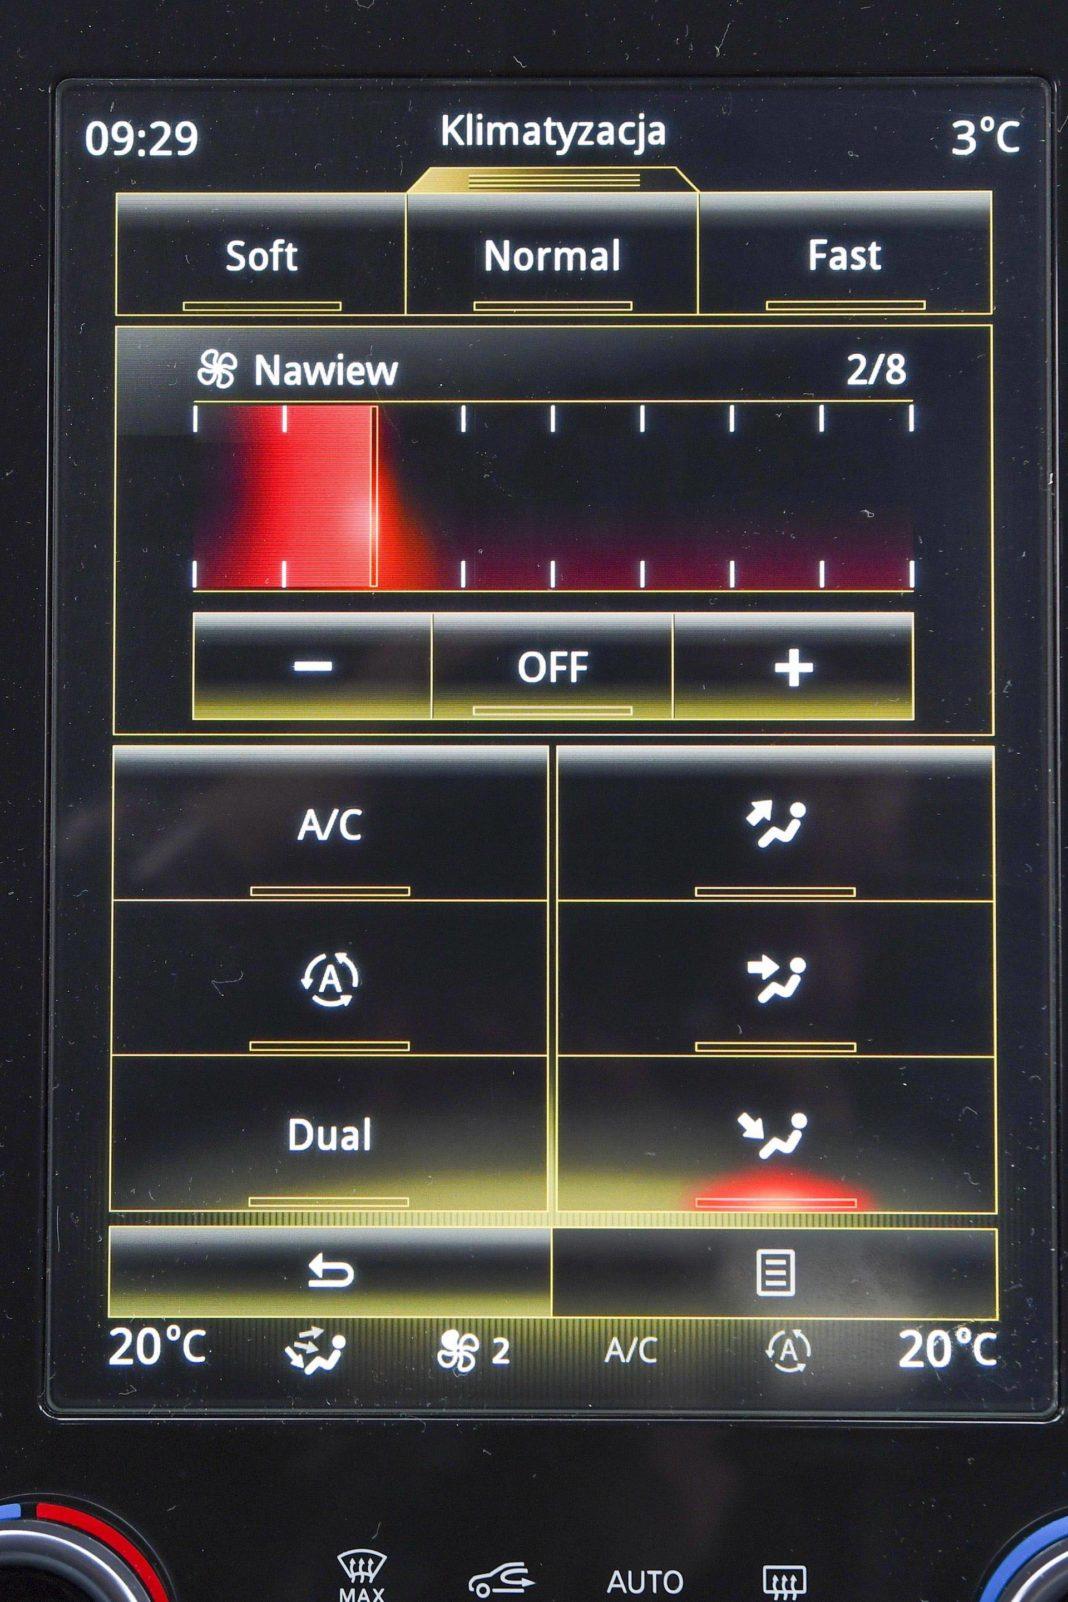 Renault Koleos 2.0 Blue dCi X-Tronic 4x4 - ekran centralny